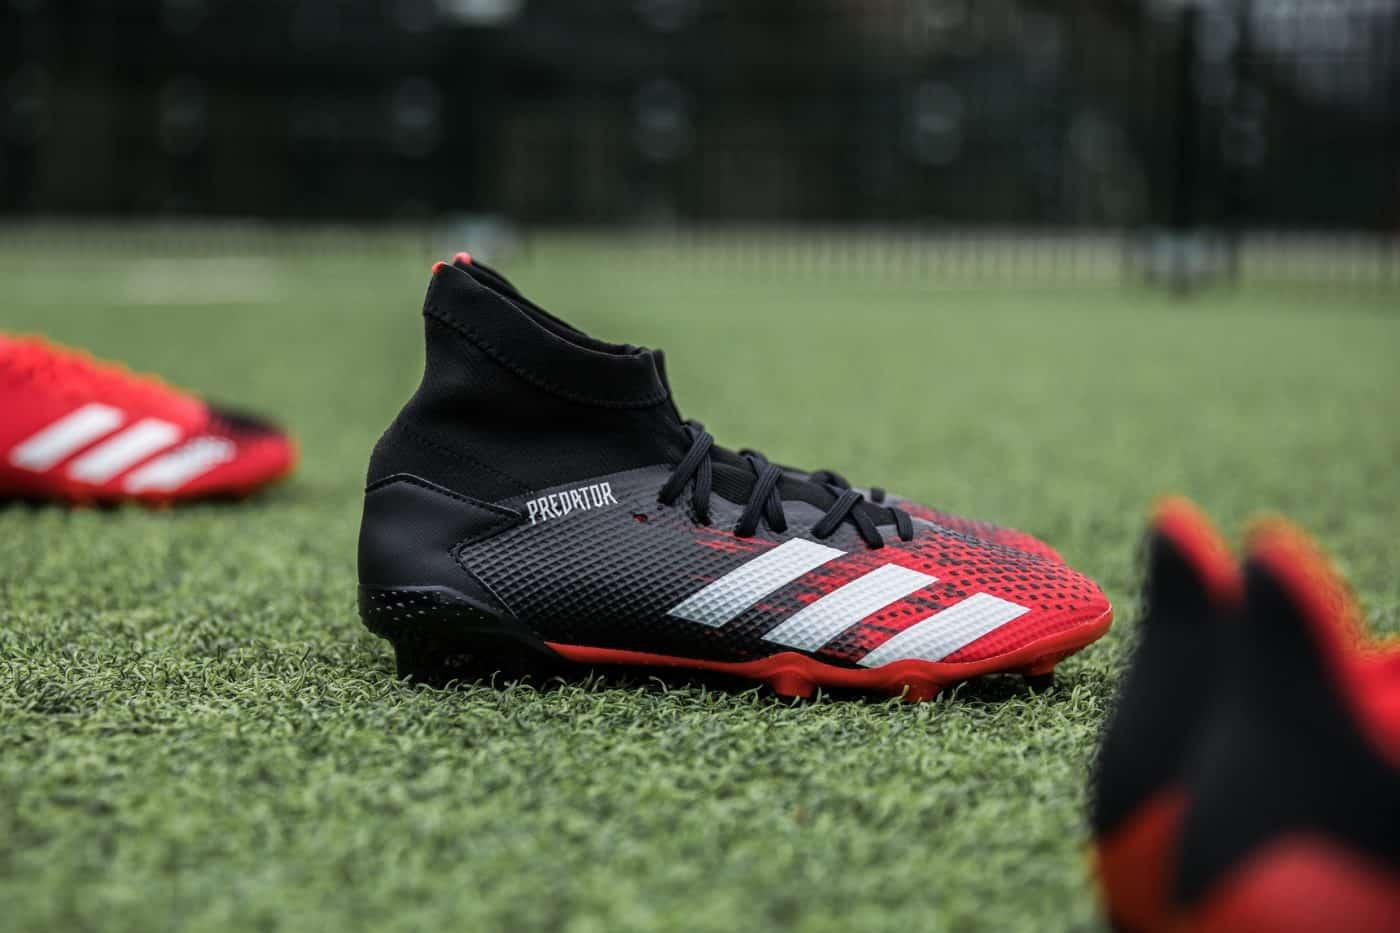 adidas-predator-20.3-gamme-footpack